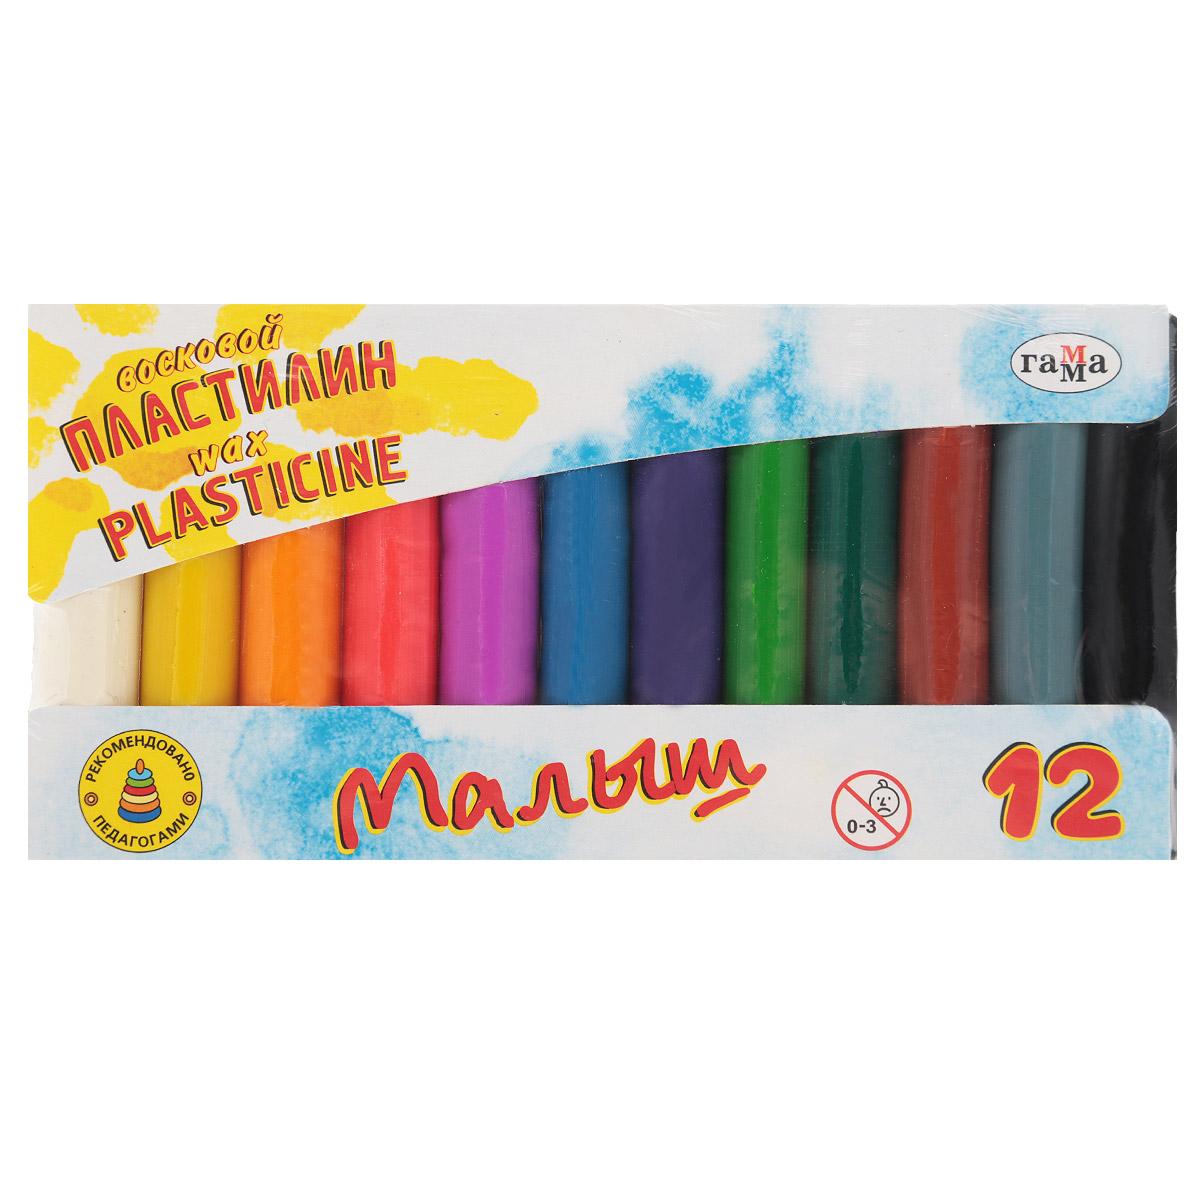 Пластилин восковой Гамма Малыш, 12 цветов набор для лепки гамма пластилин классический 12 цветов 240g 281033